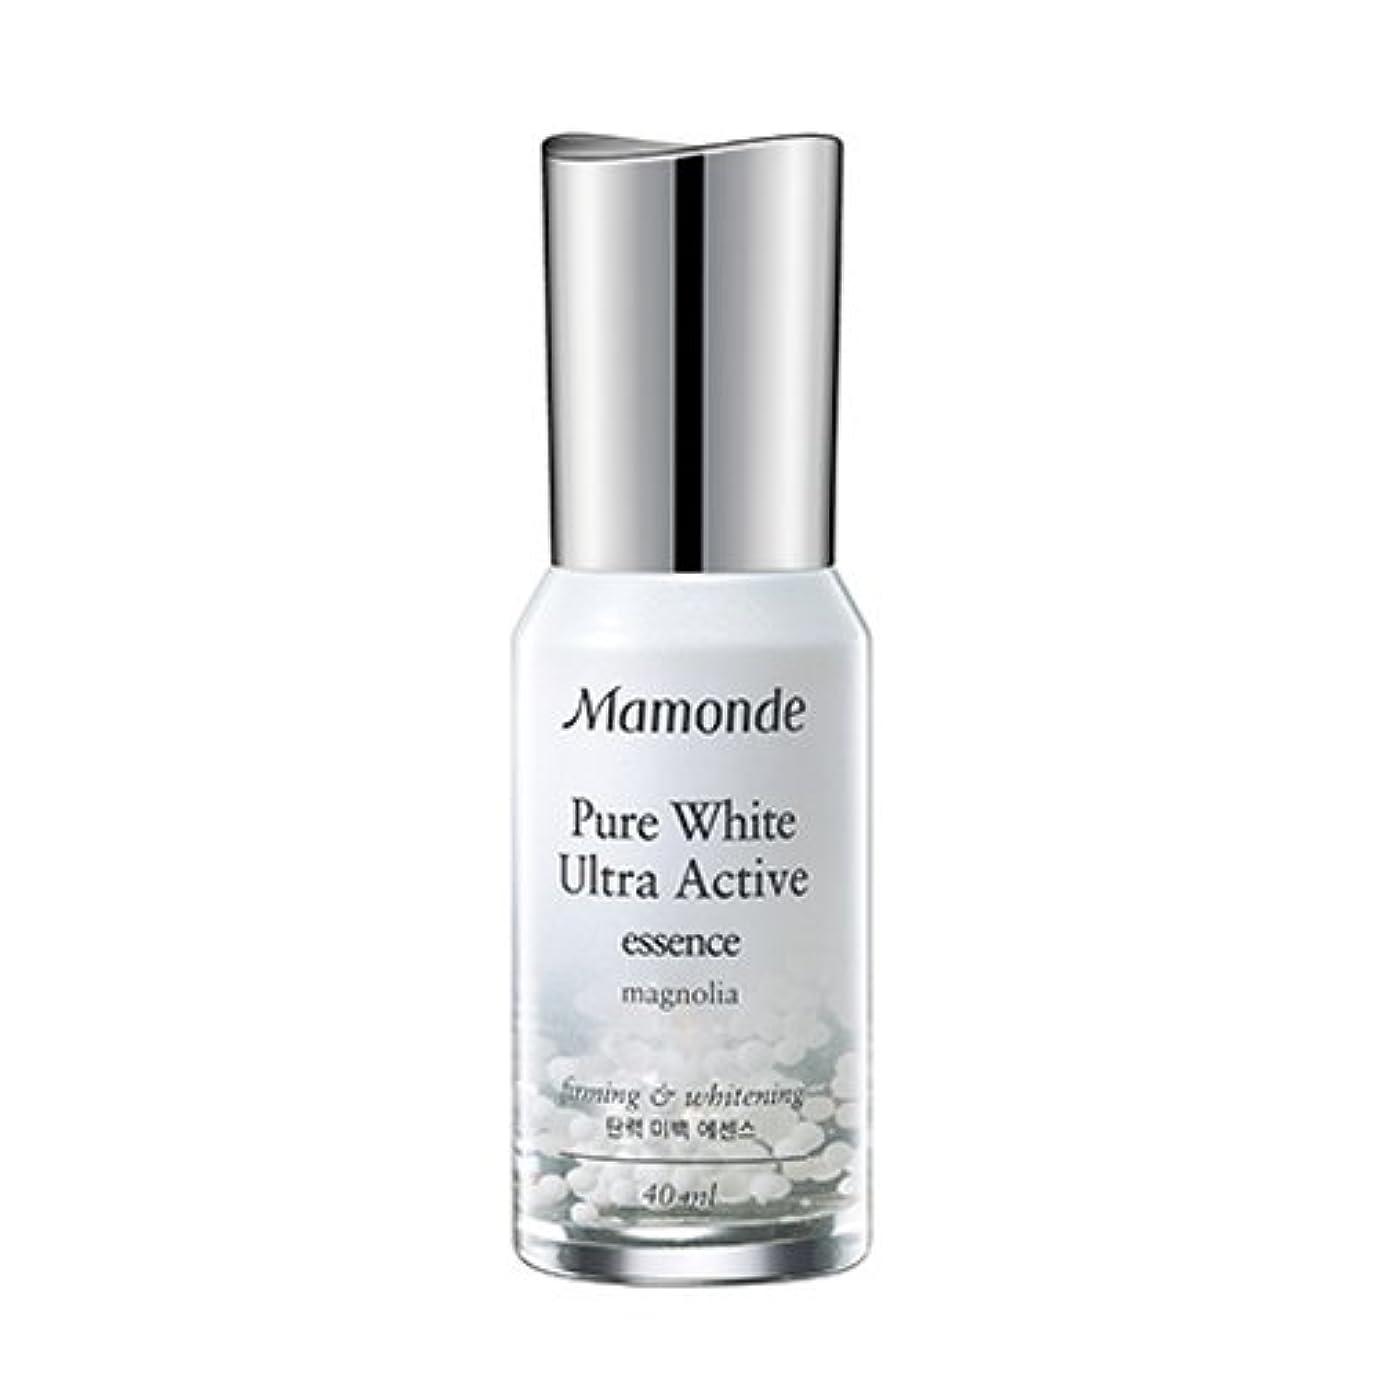 音第二魅力Mamonde Pure White Ultra Active Essence 40ml/マモンド ピュアホワイト ウルトラ アクティブ エッセンス 40ml